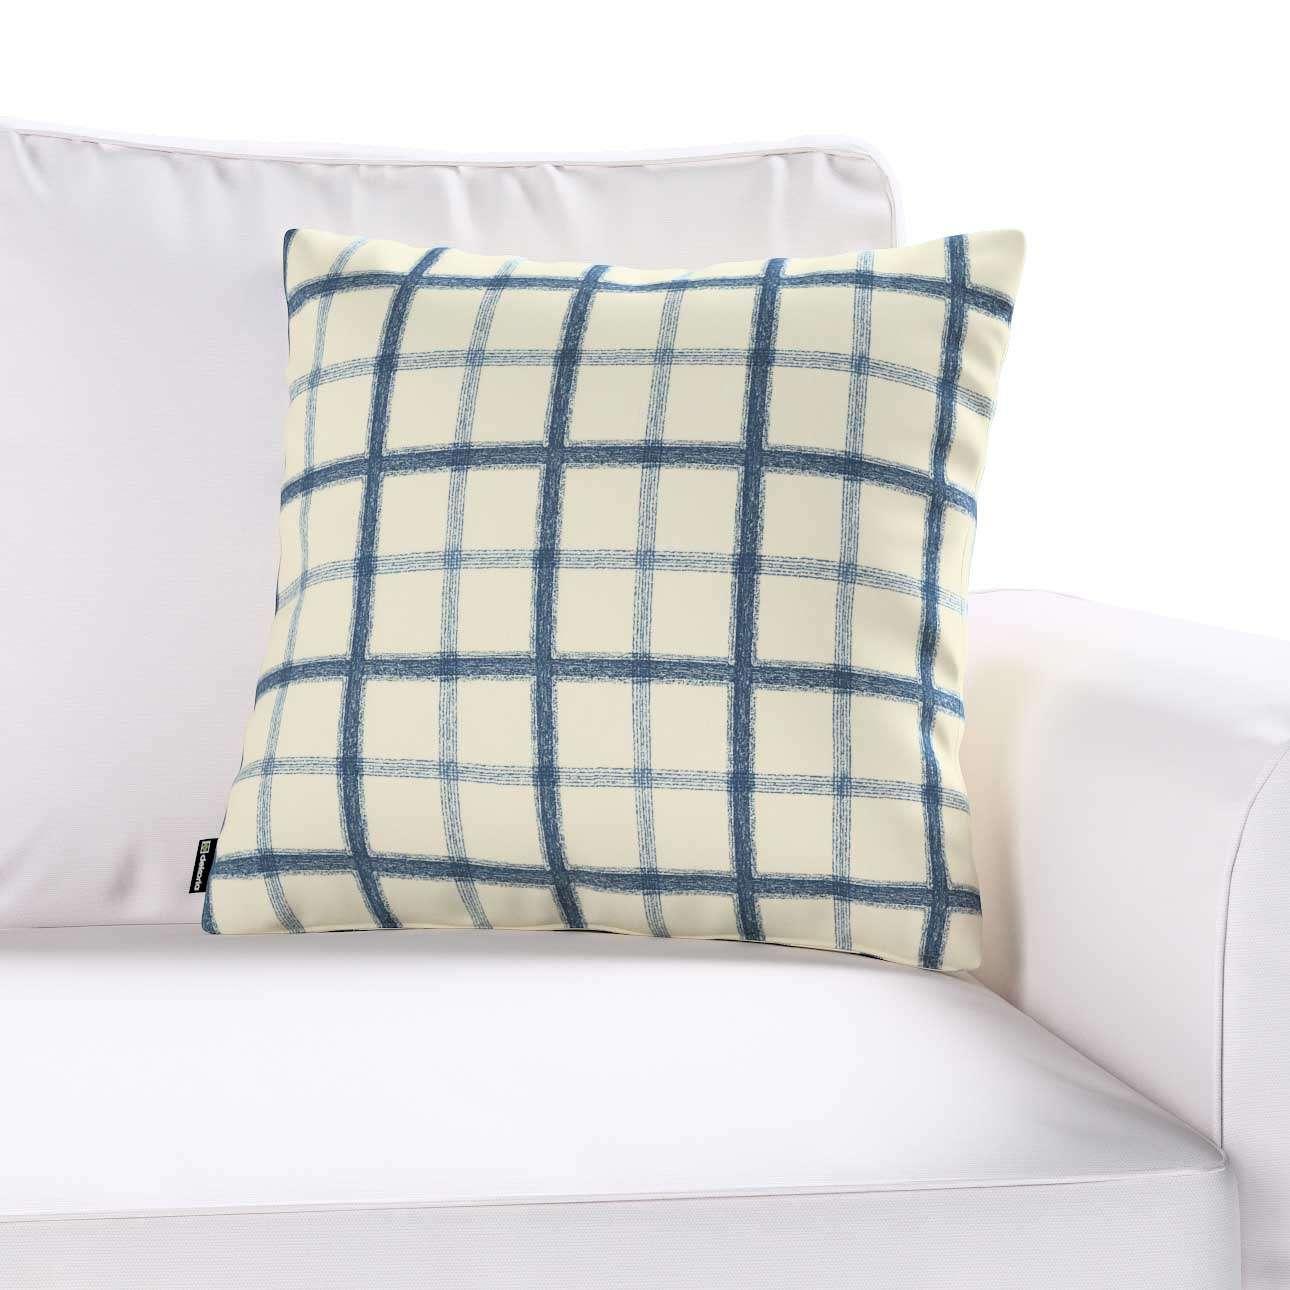 Poszewka Kinga na poduszkę 43 x 43 cm w kolekcji Avinon, tkanina: 131-66